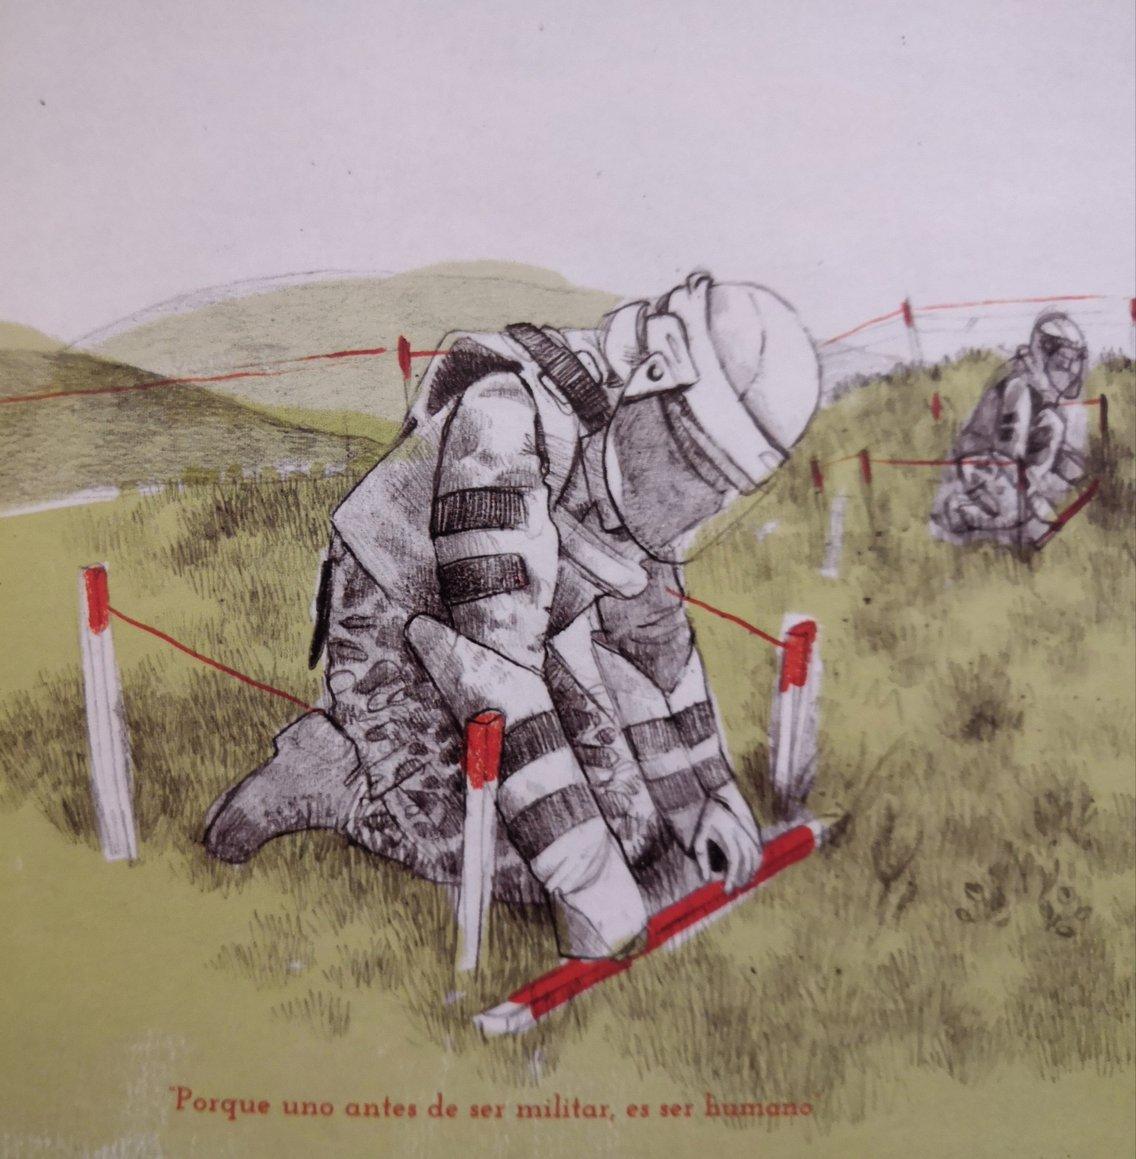 Los pasos rotos - Cover Image